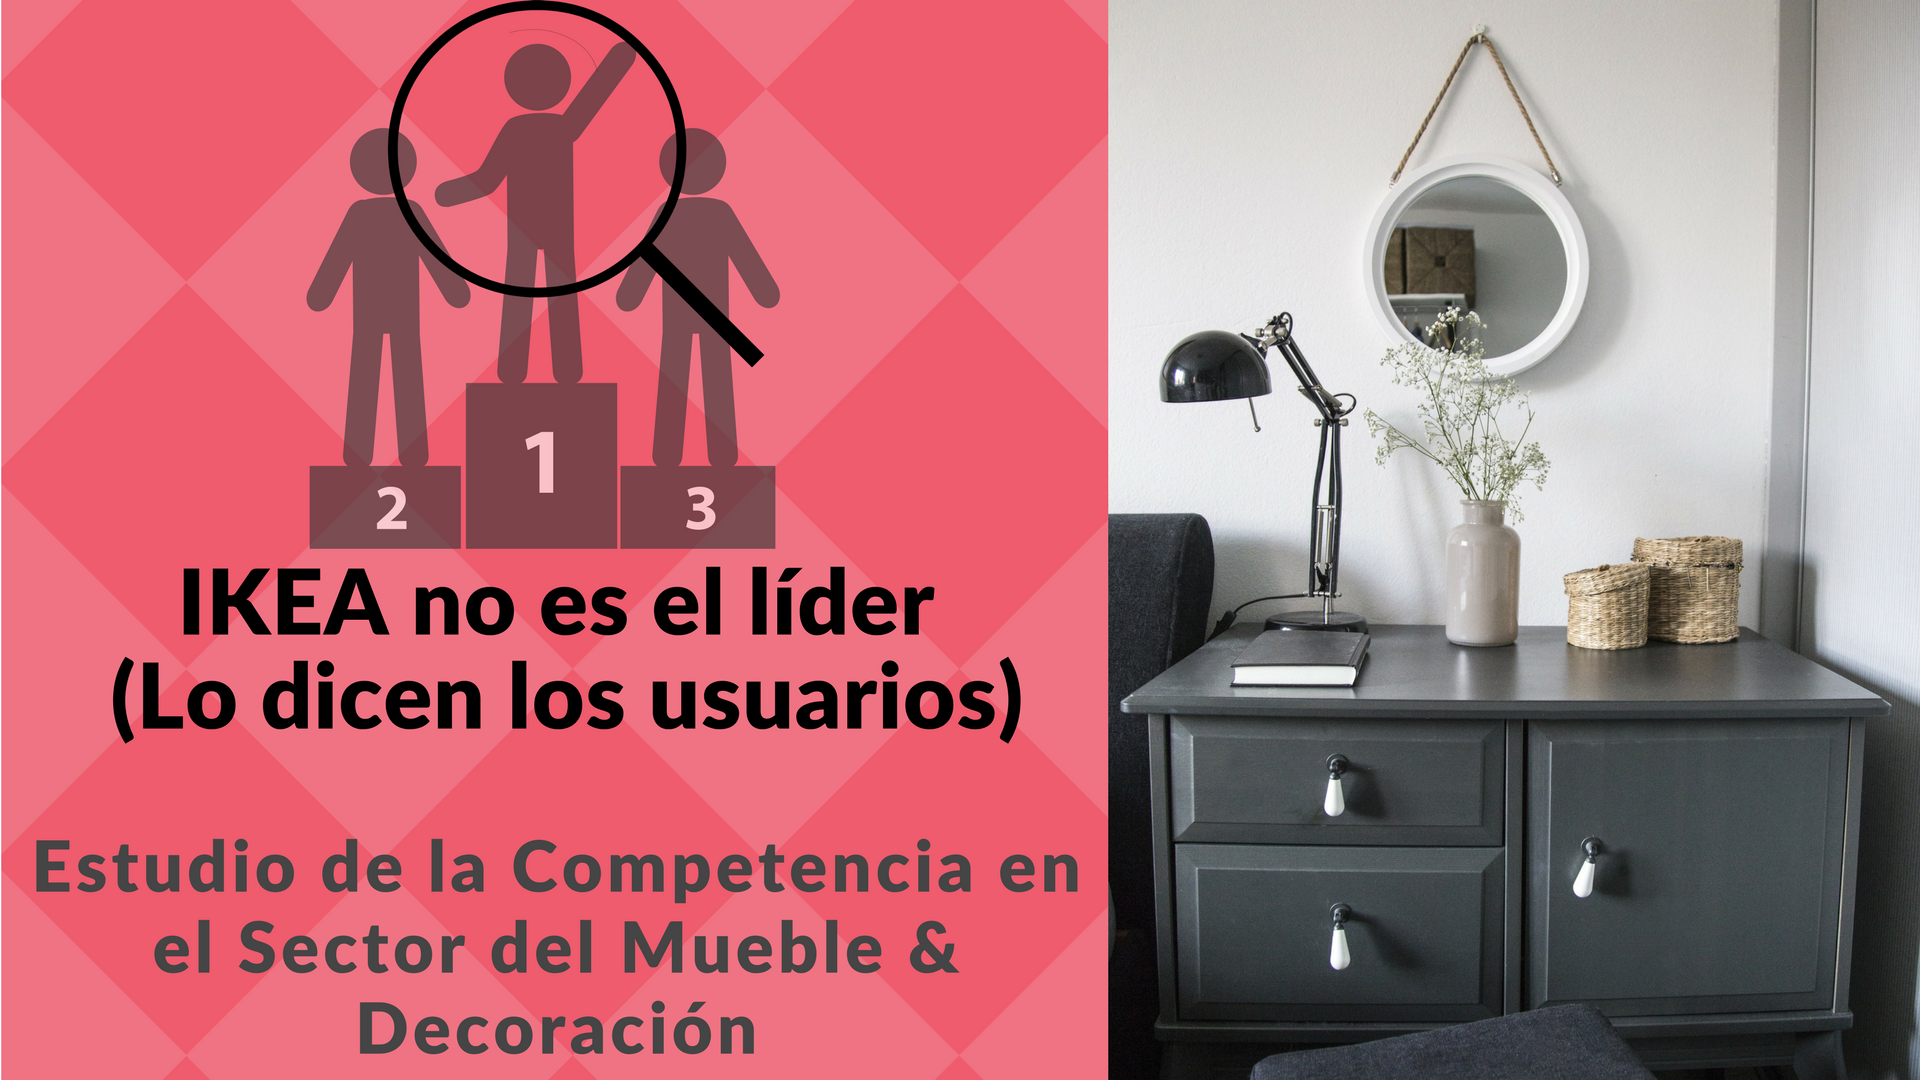 Estudio_competencia_sector_mueble_decoracion.png